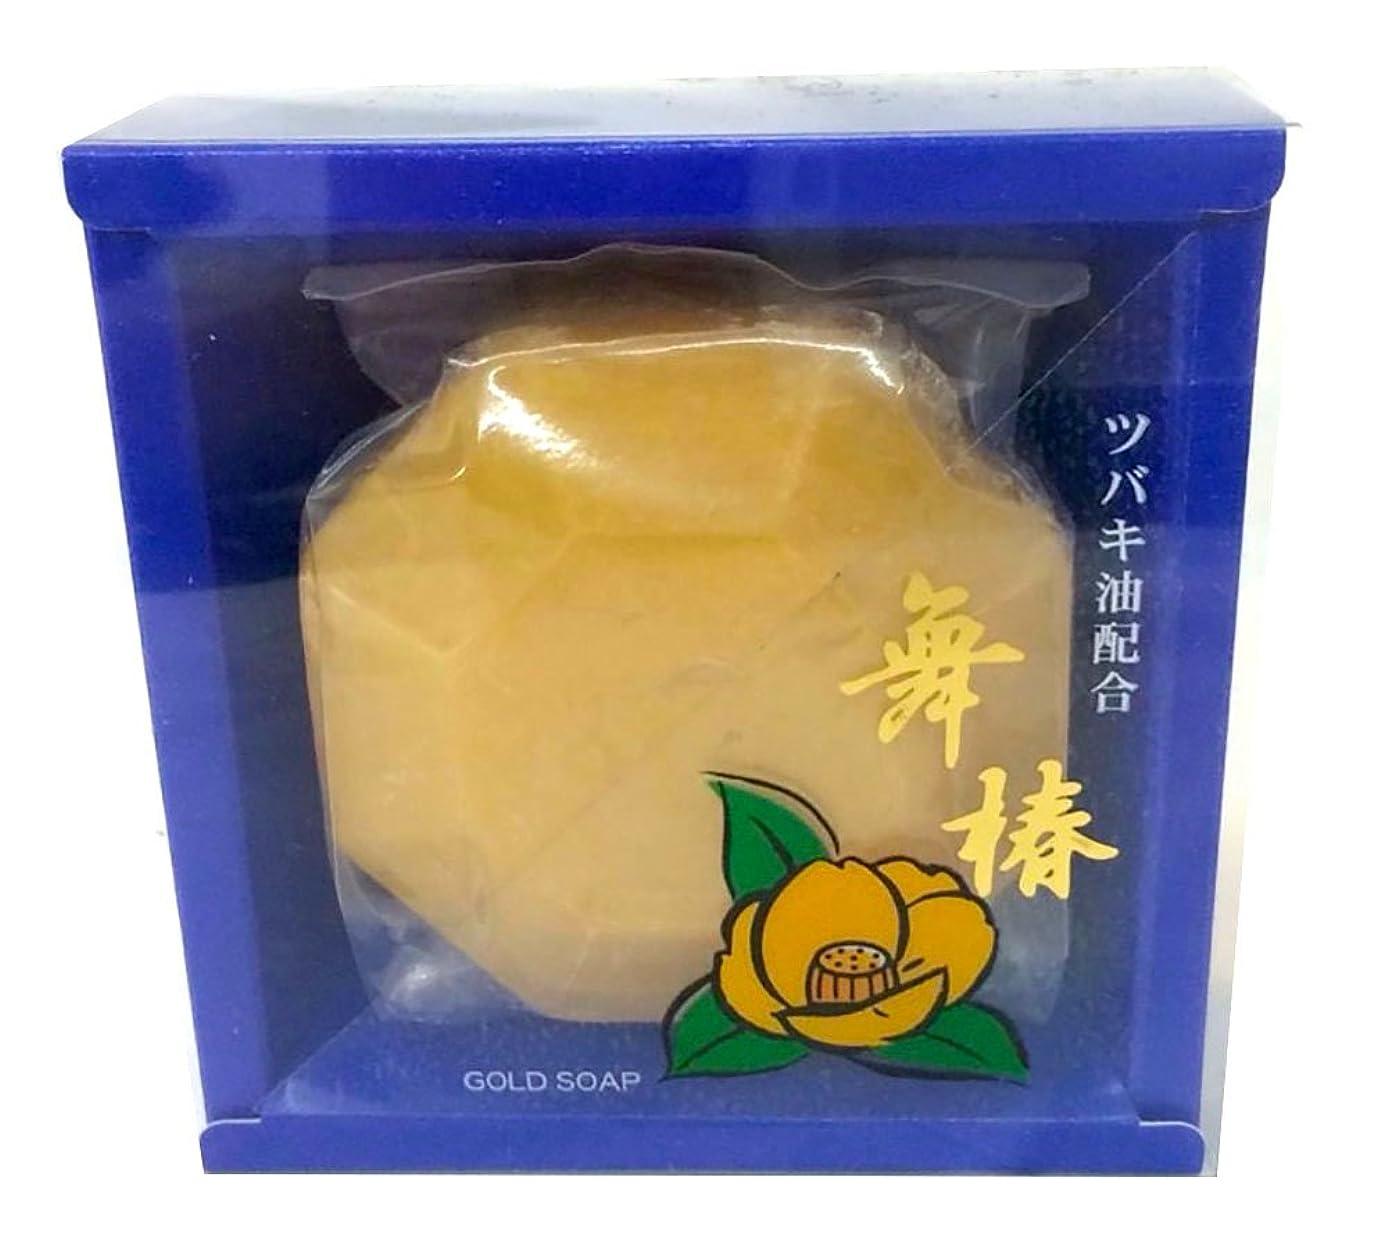 ピル区別する実質的舞椿ゴールドソープ (ツバキオイル配合)110g